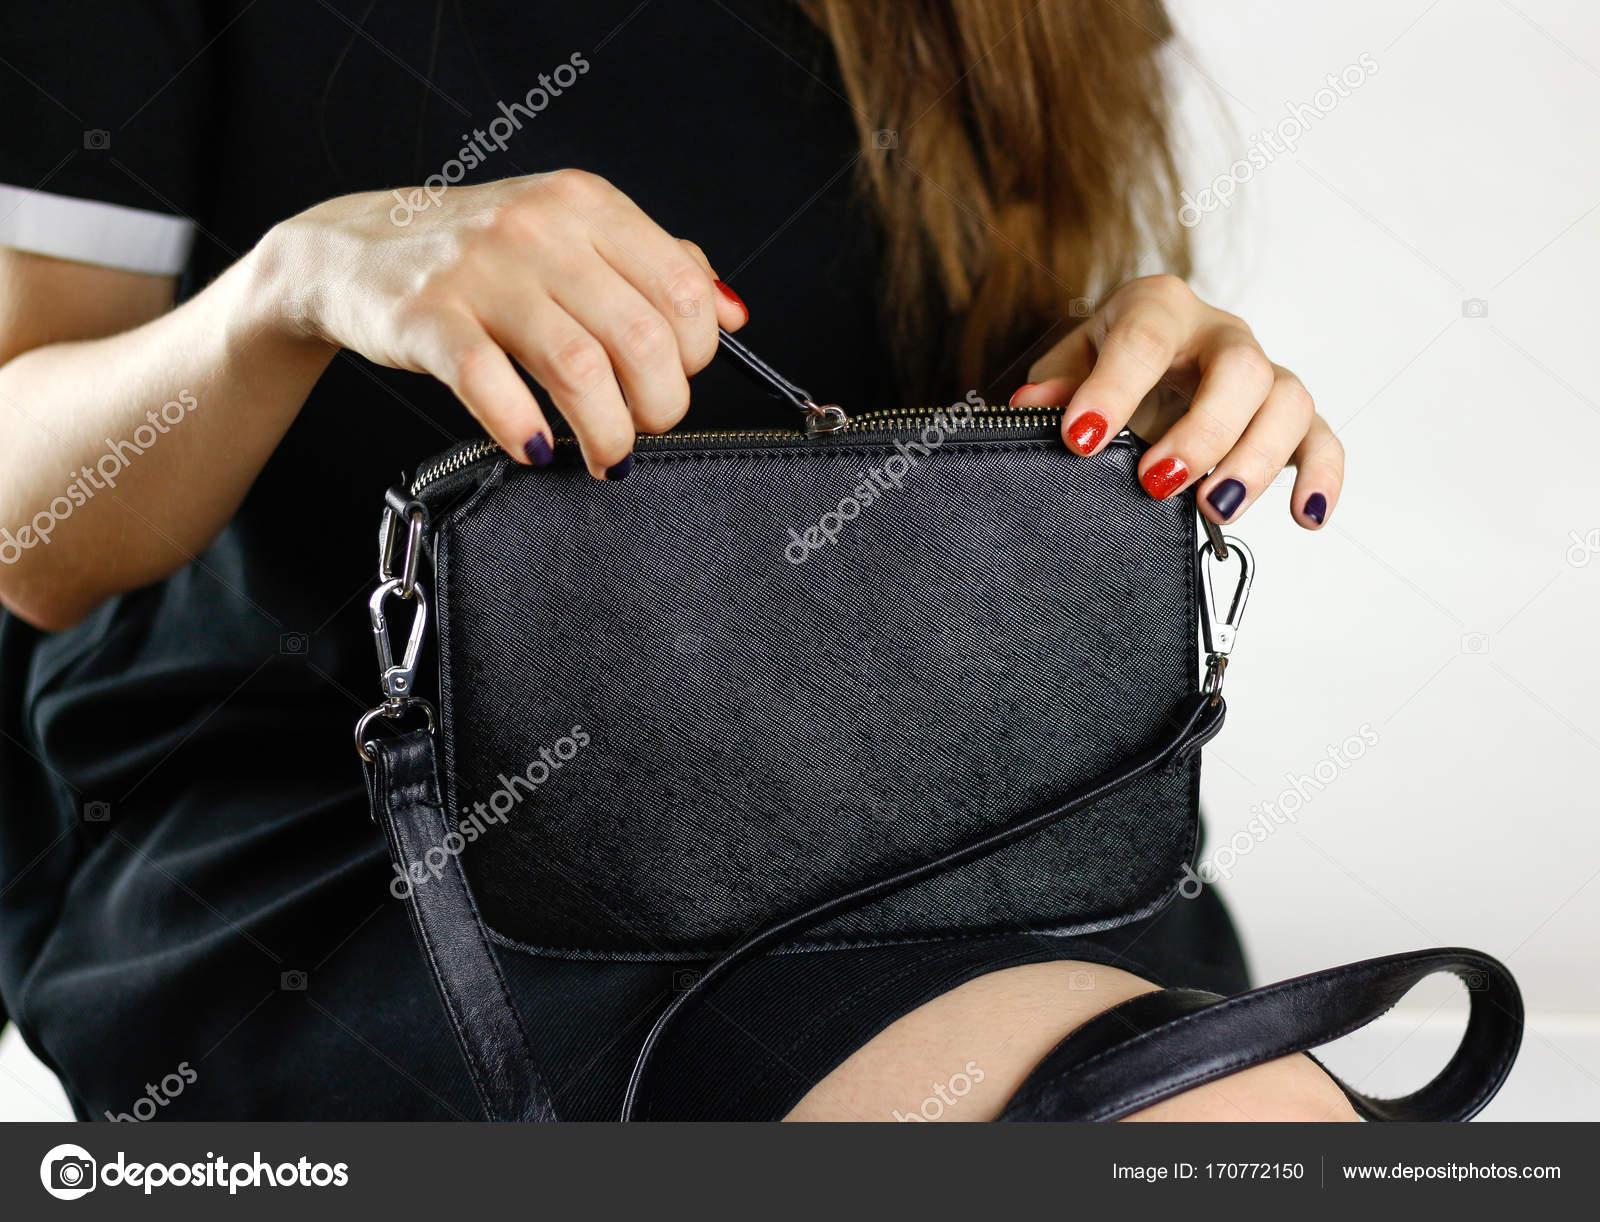 Schwarze KleidEine Handtasche In Ein Schwarzes Mädchen knwOP0